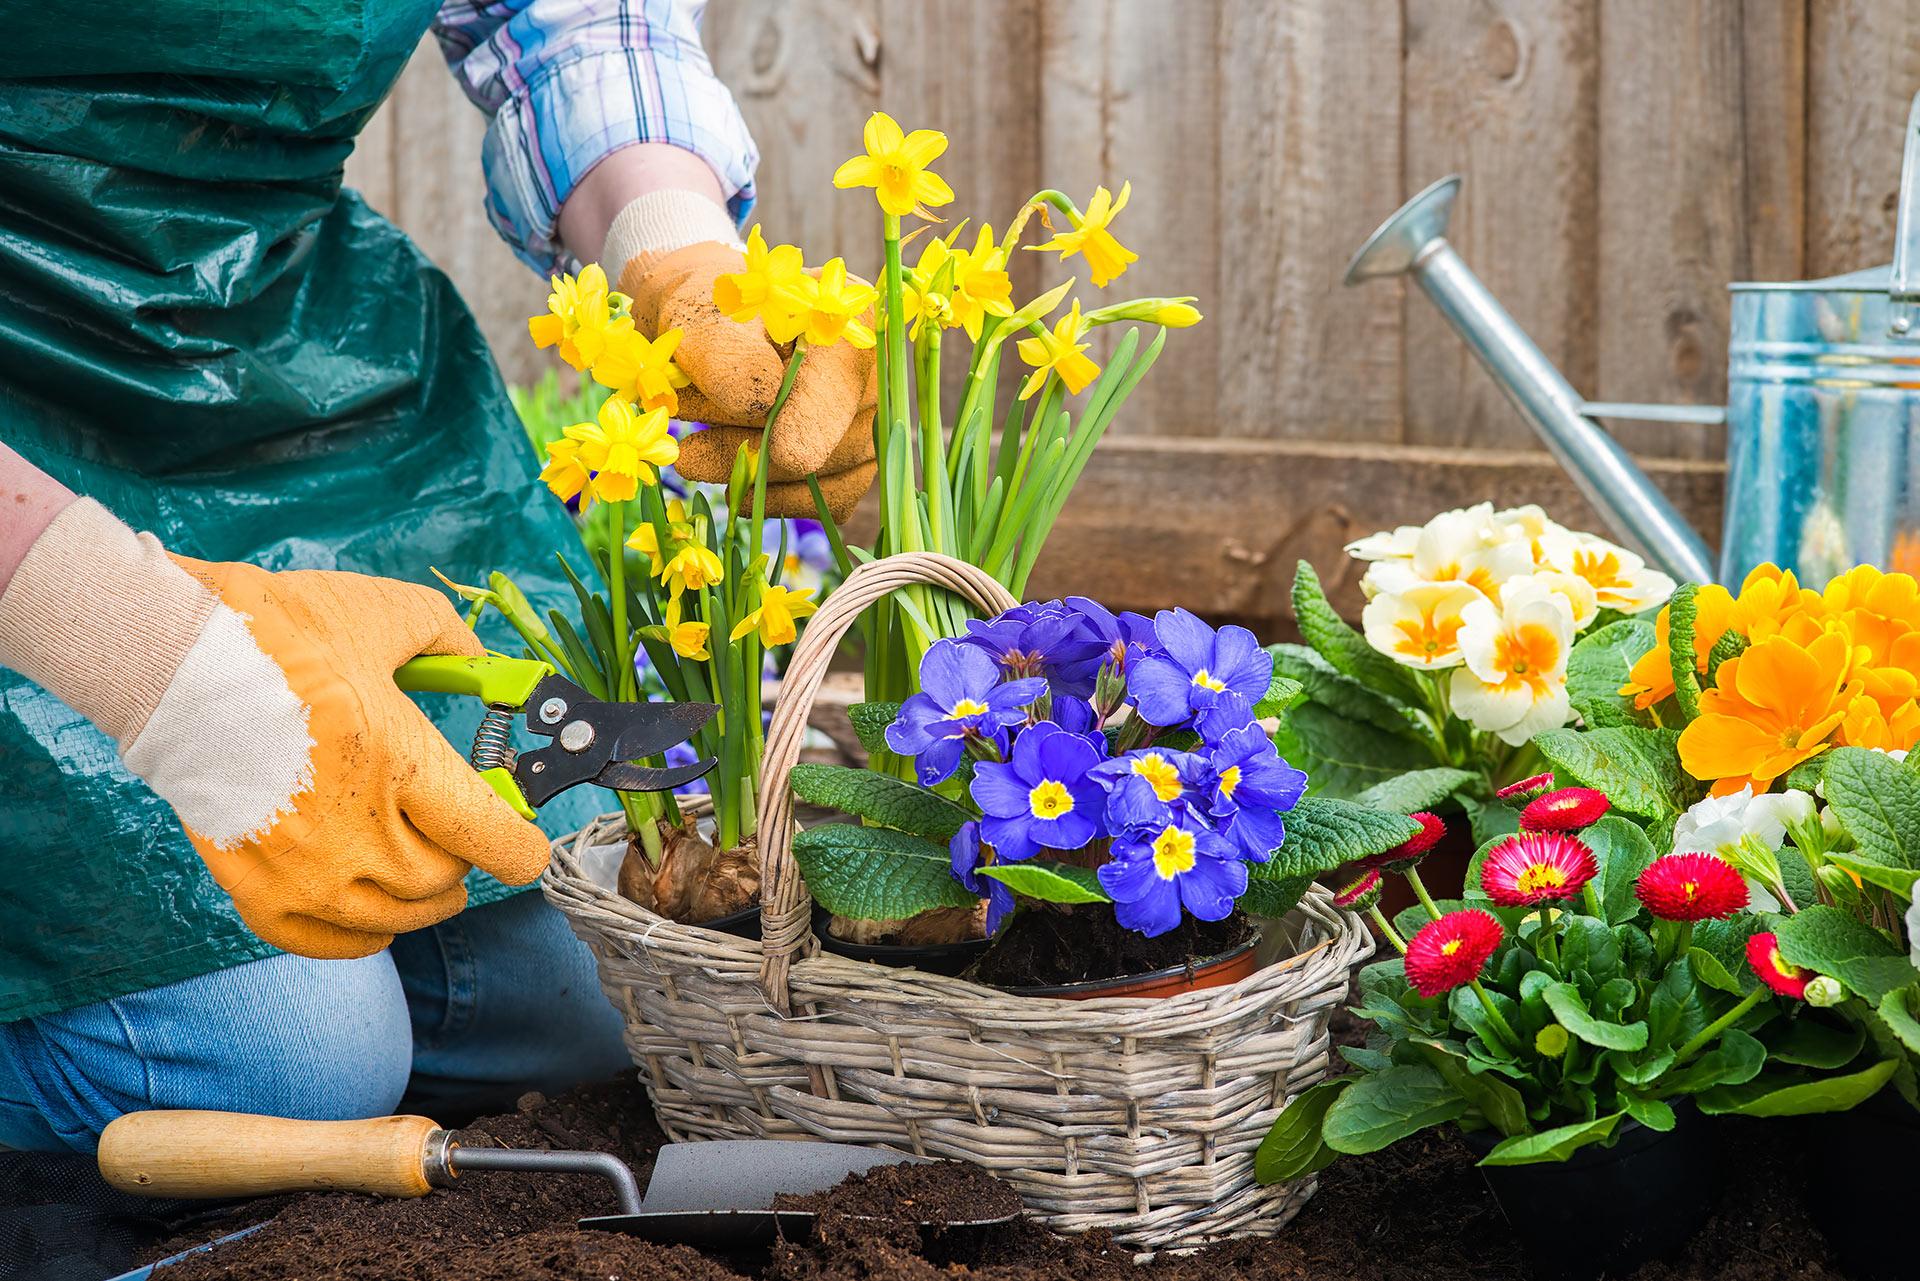 Curso de producci n de plantas ornamentales for Produccion de plantas ornamentales